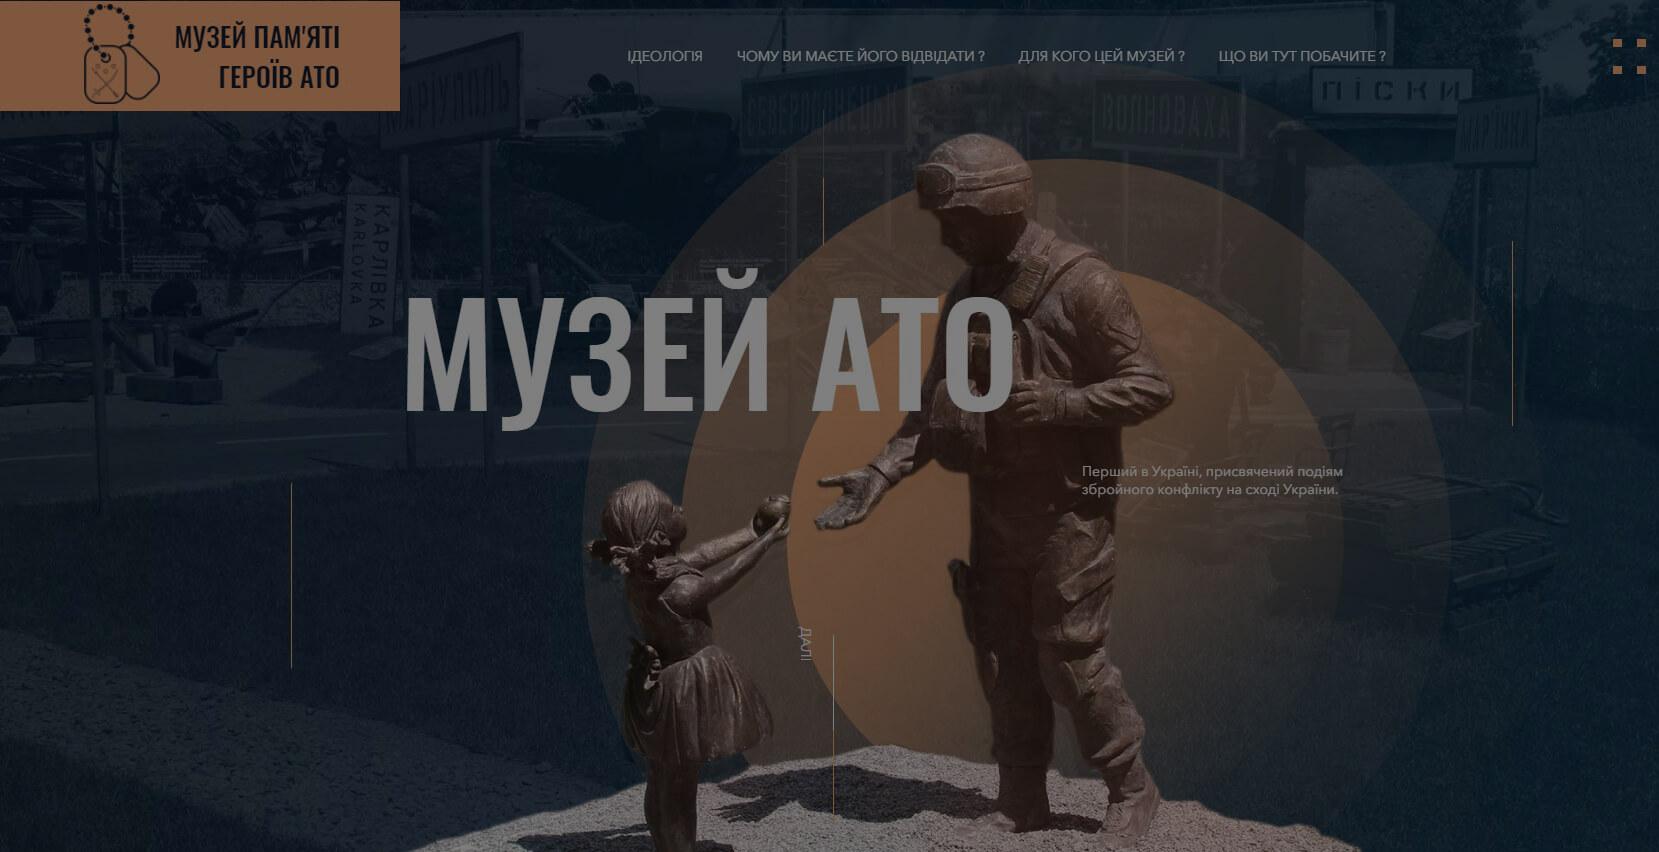 ATO Museum